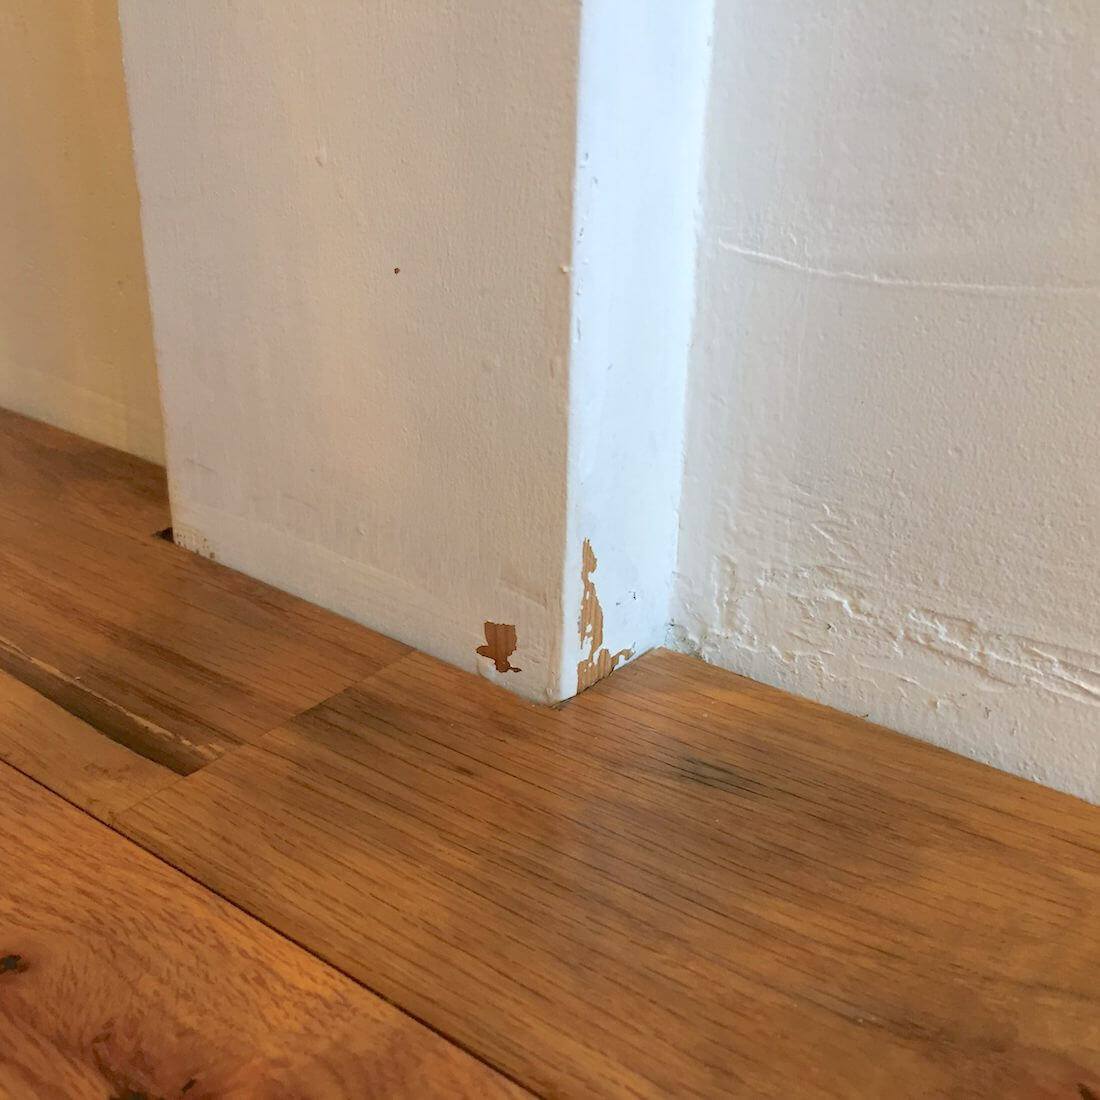 壁が汚れてもペンキ塗装仕上げならdiyで簡単補修 子供がクレヨンで